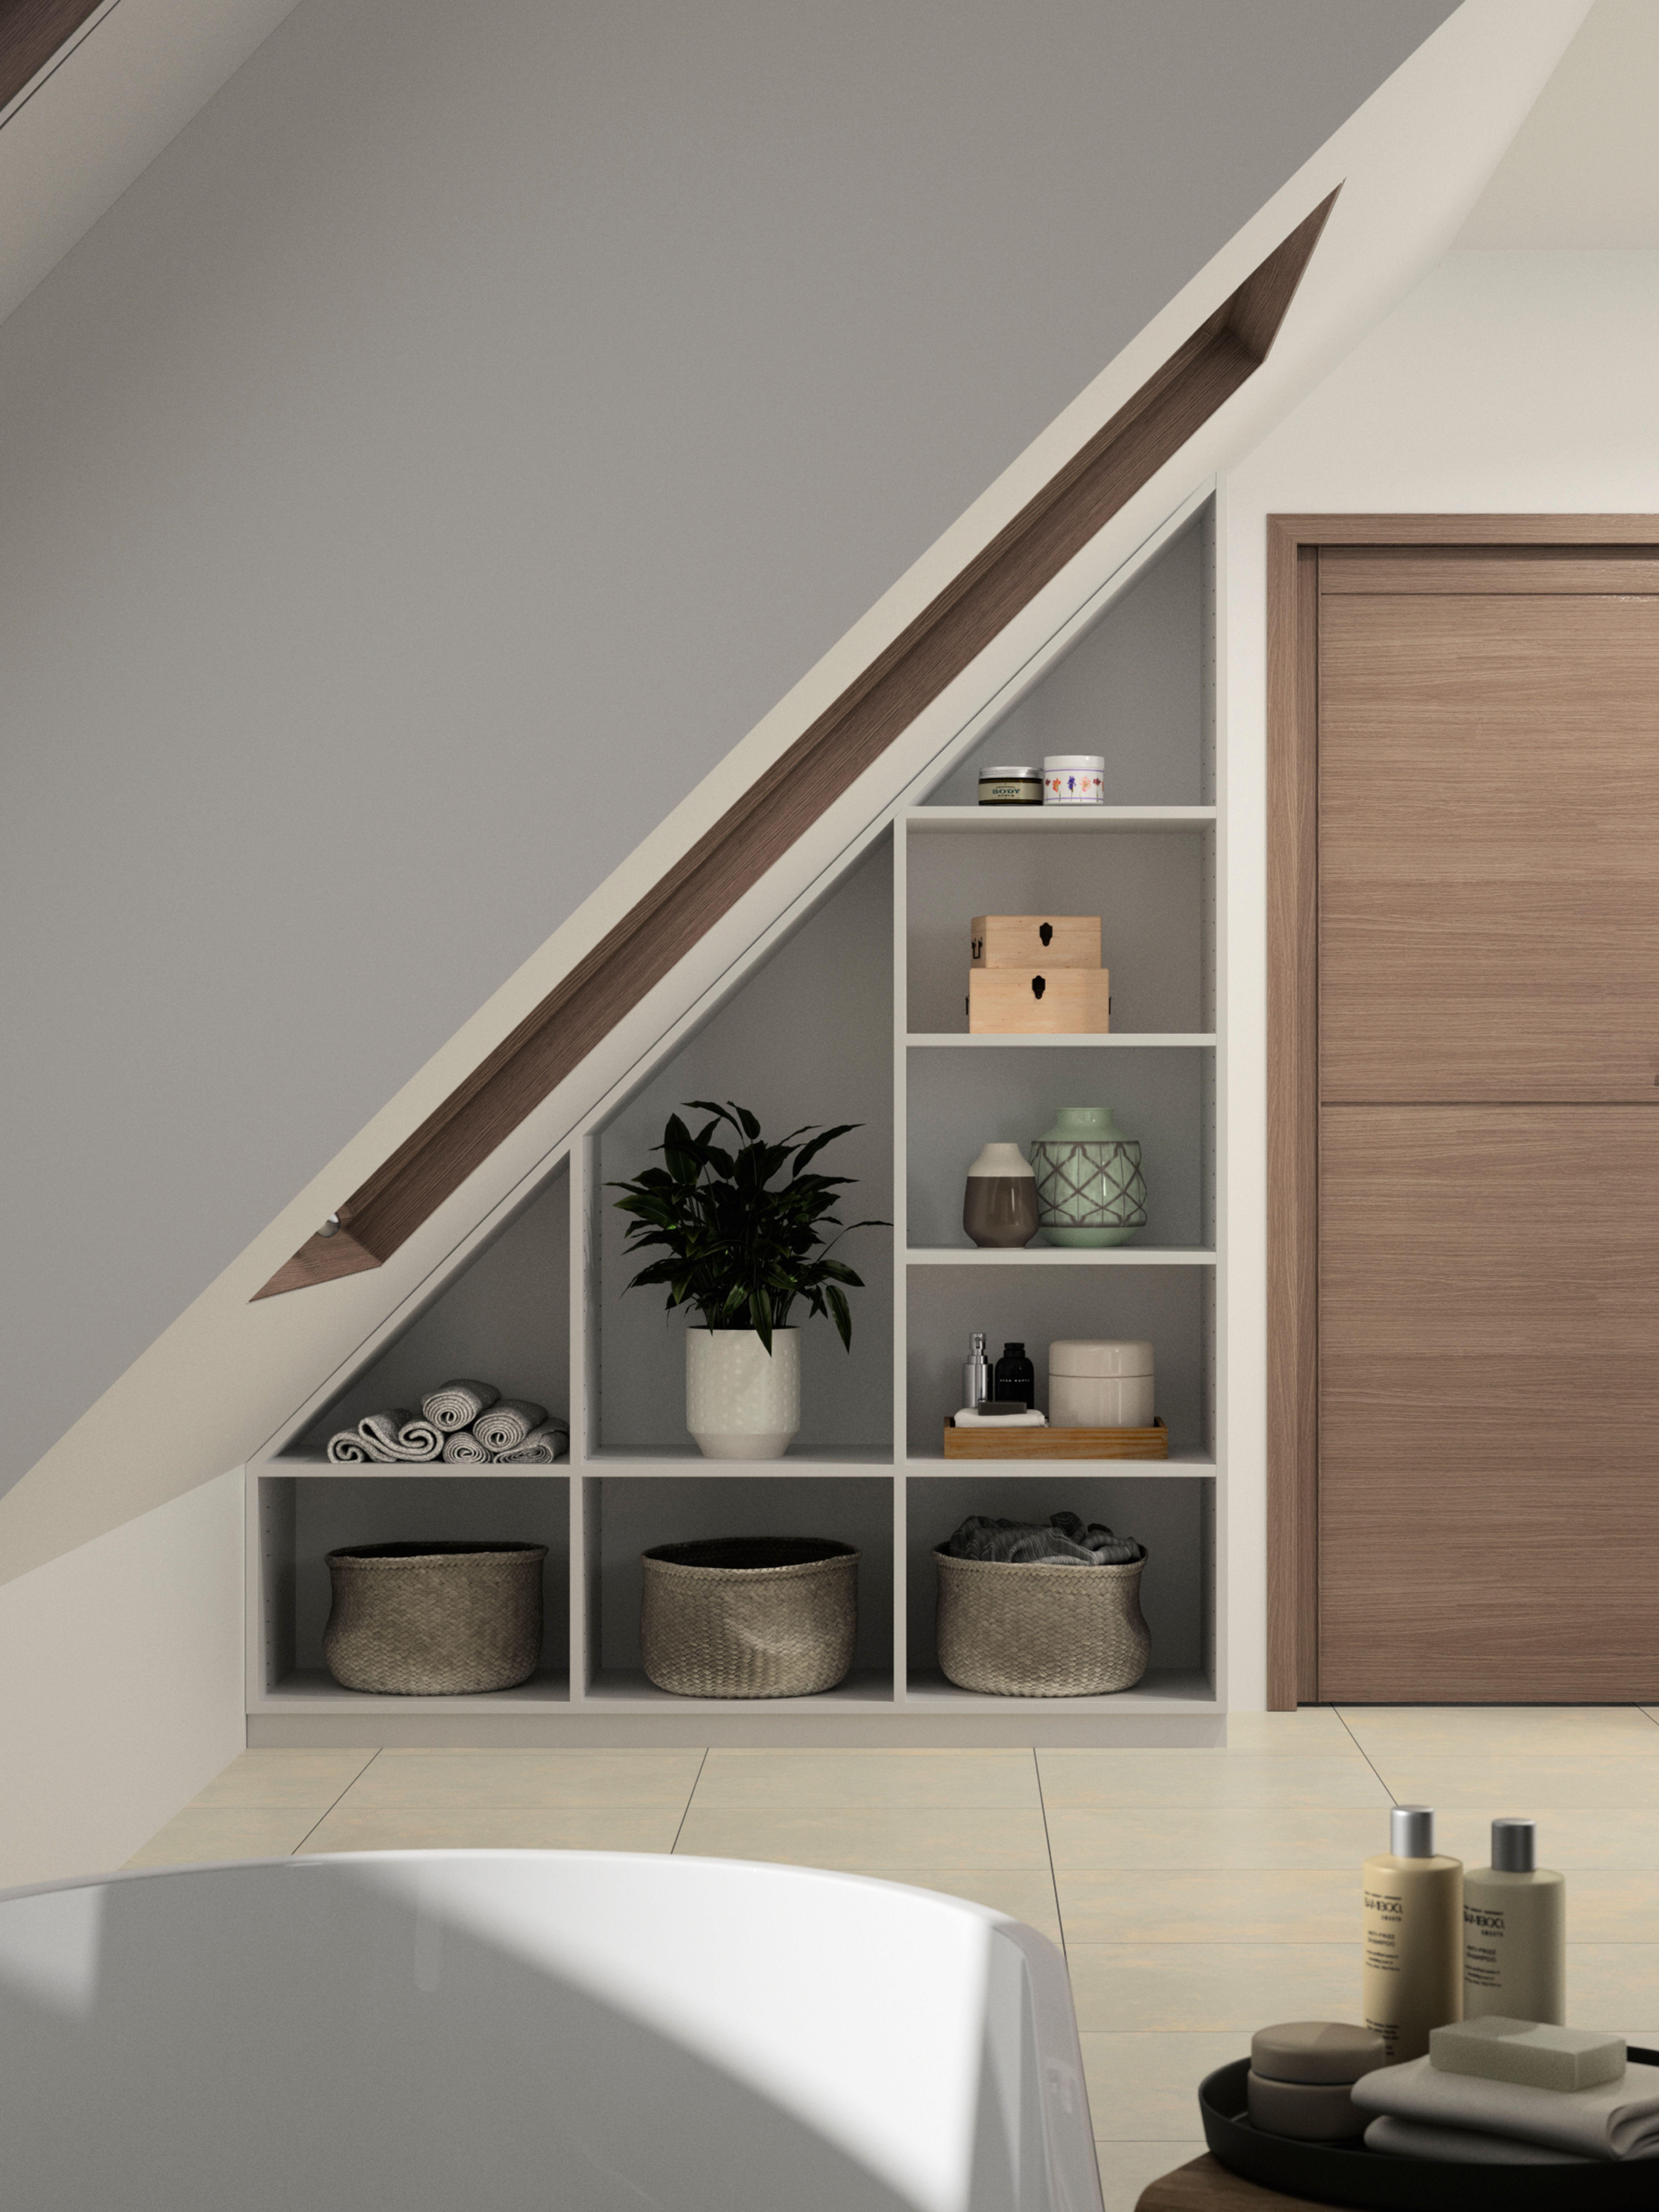 Clevere Losungen Fur Badezimmer Mit Dachschrage Badezimmer Dachschrage Badezimmer Dachgeschoss Grundriss Wohnung